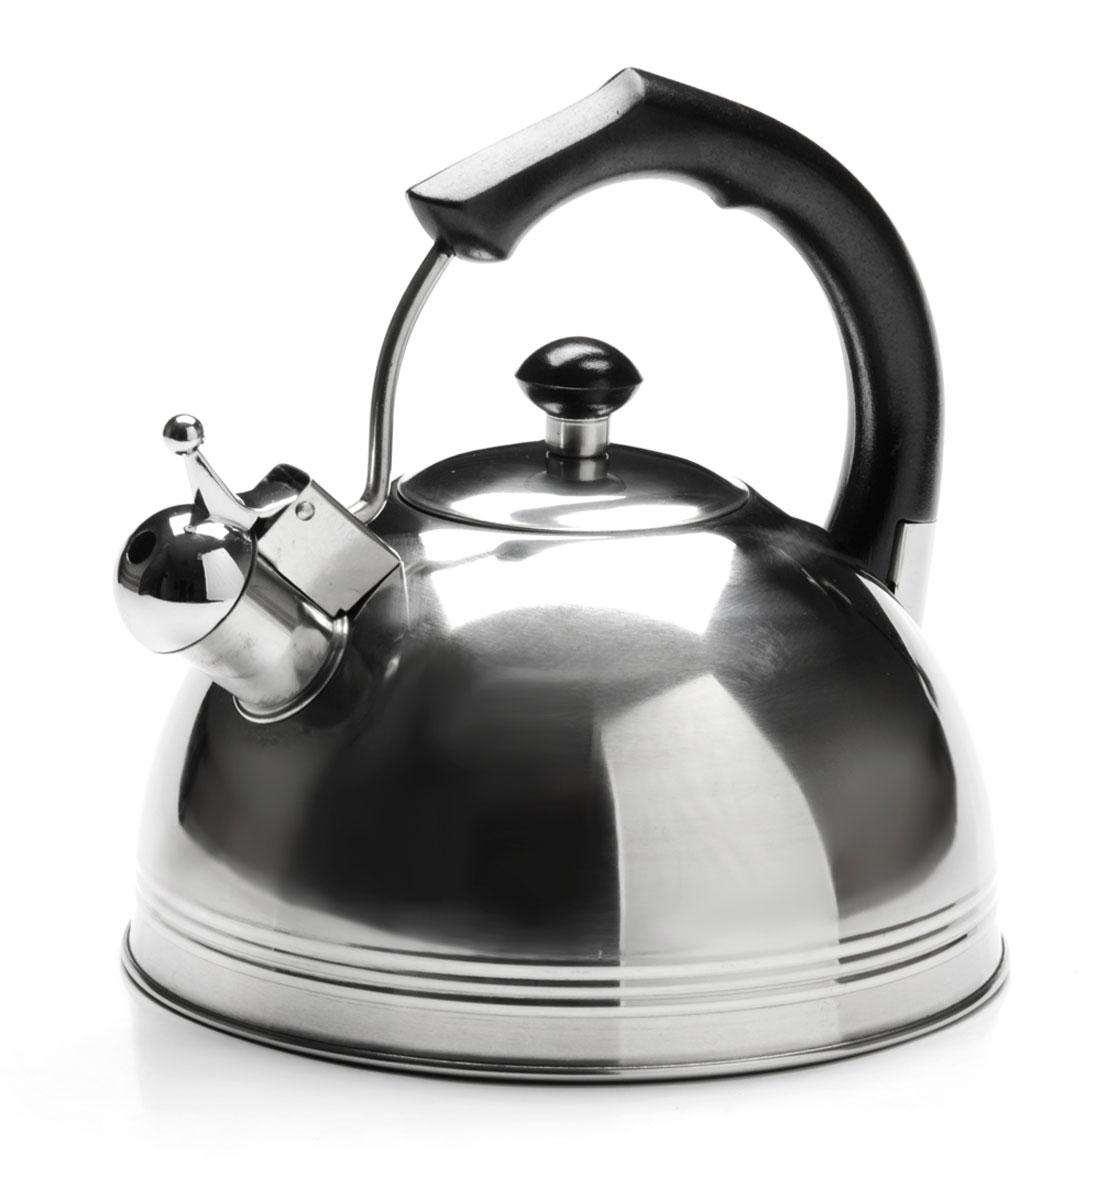 Чайник Mayer & Boch, со свистком, 4 л. 2616626166Чайник изготовлен из высококачественной нержавеющей стали. Изделия из нержавеющей стали не окисляются и не впитывают запахи,благодаря чему вы всегда получите натуральный, насыщенный вкус и аромат напитков.Капсулированное дно с прослойкой из алюминия обеспечивает наилучшее распределение тепла.Эргономичная фиксированная ручка выполнена из нержавеющей стали и бакелита и стилизована под дерево.Носик чайника оснащен насадкой-свистком, который позволяет контролировать процесс кипячения или подогрева воды.Поверхность чайника гладкая, что облегчает уход за ним.Подходит для использования на всех типах плит, кроме индукционных. Подходит для мытья в посудомоечной машине.Объем чайника: 4 литра.